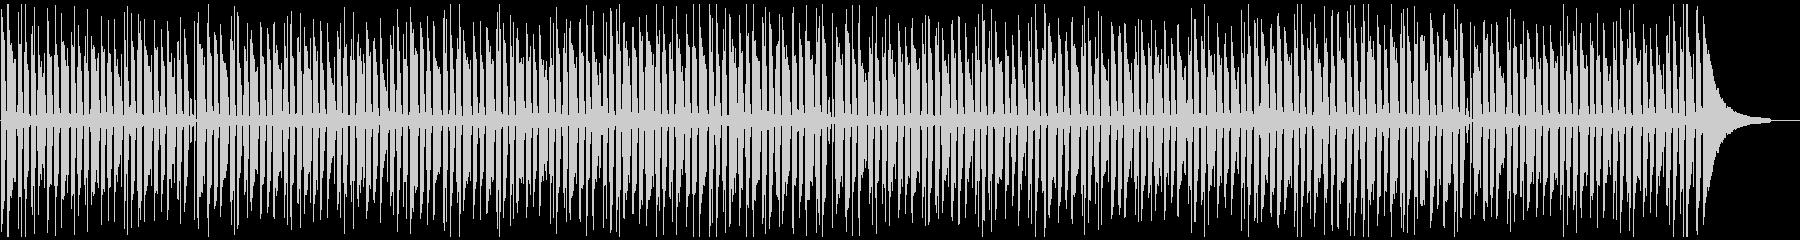 長い動画や読書に合う、落ち着いたボサノバの未再生の波形